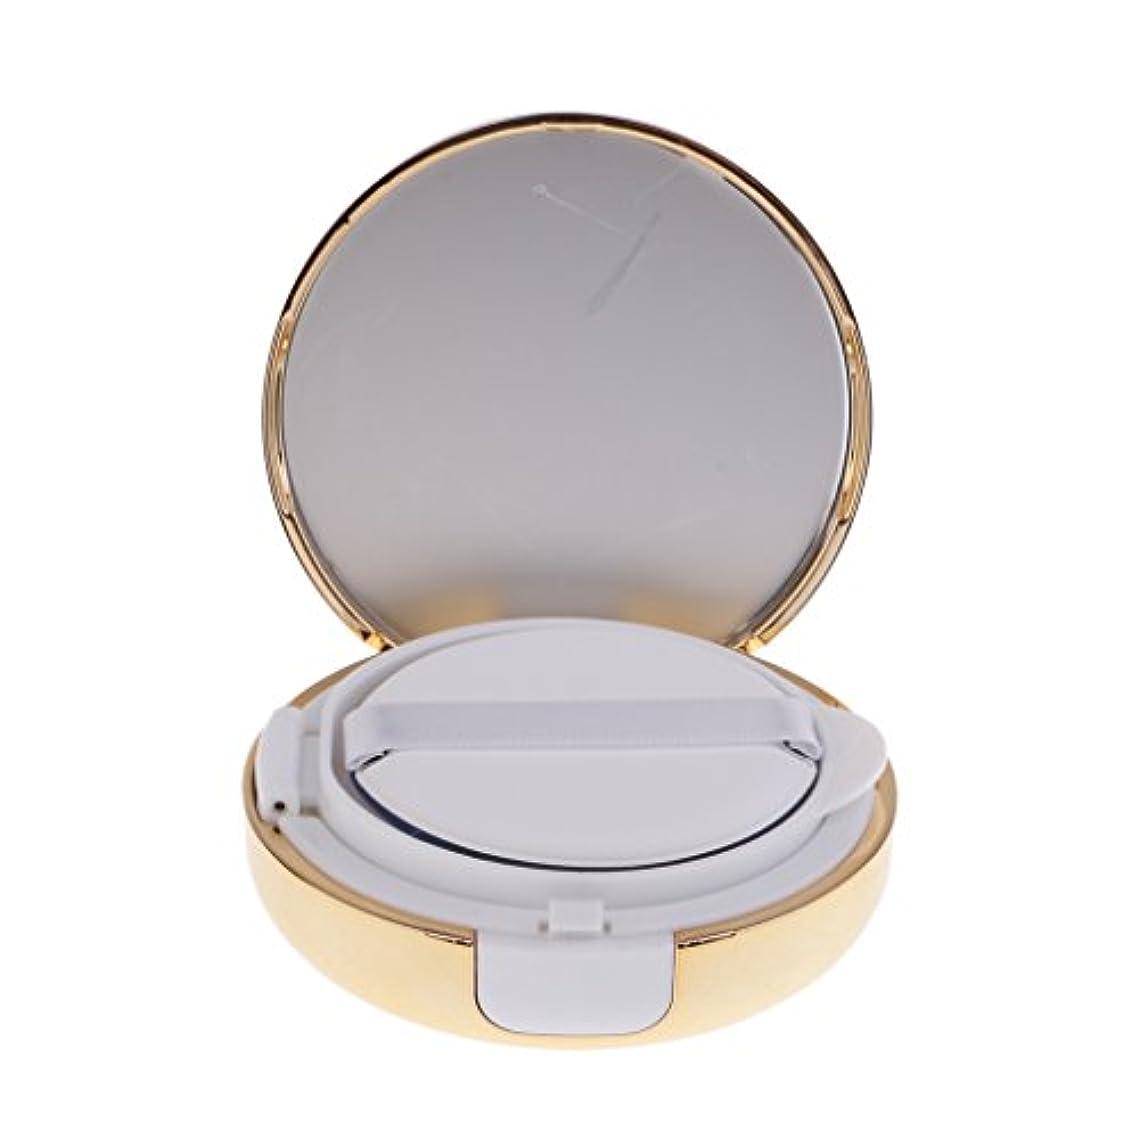 好奇心酔って転送Kesoto メイクアップ 空パウダーコンテナ ファンデーションケース エアクッション パフ BBクリーム 詰替え 化粧品 DIY プラスチック製 2色選べる - ゴールド